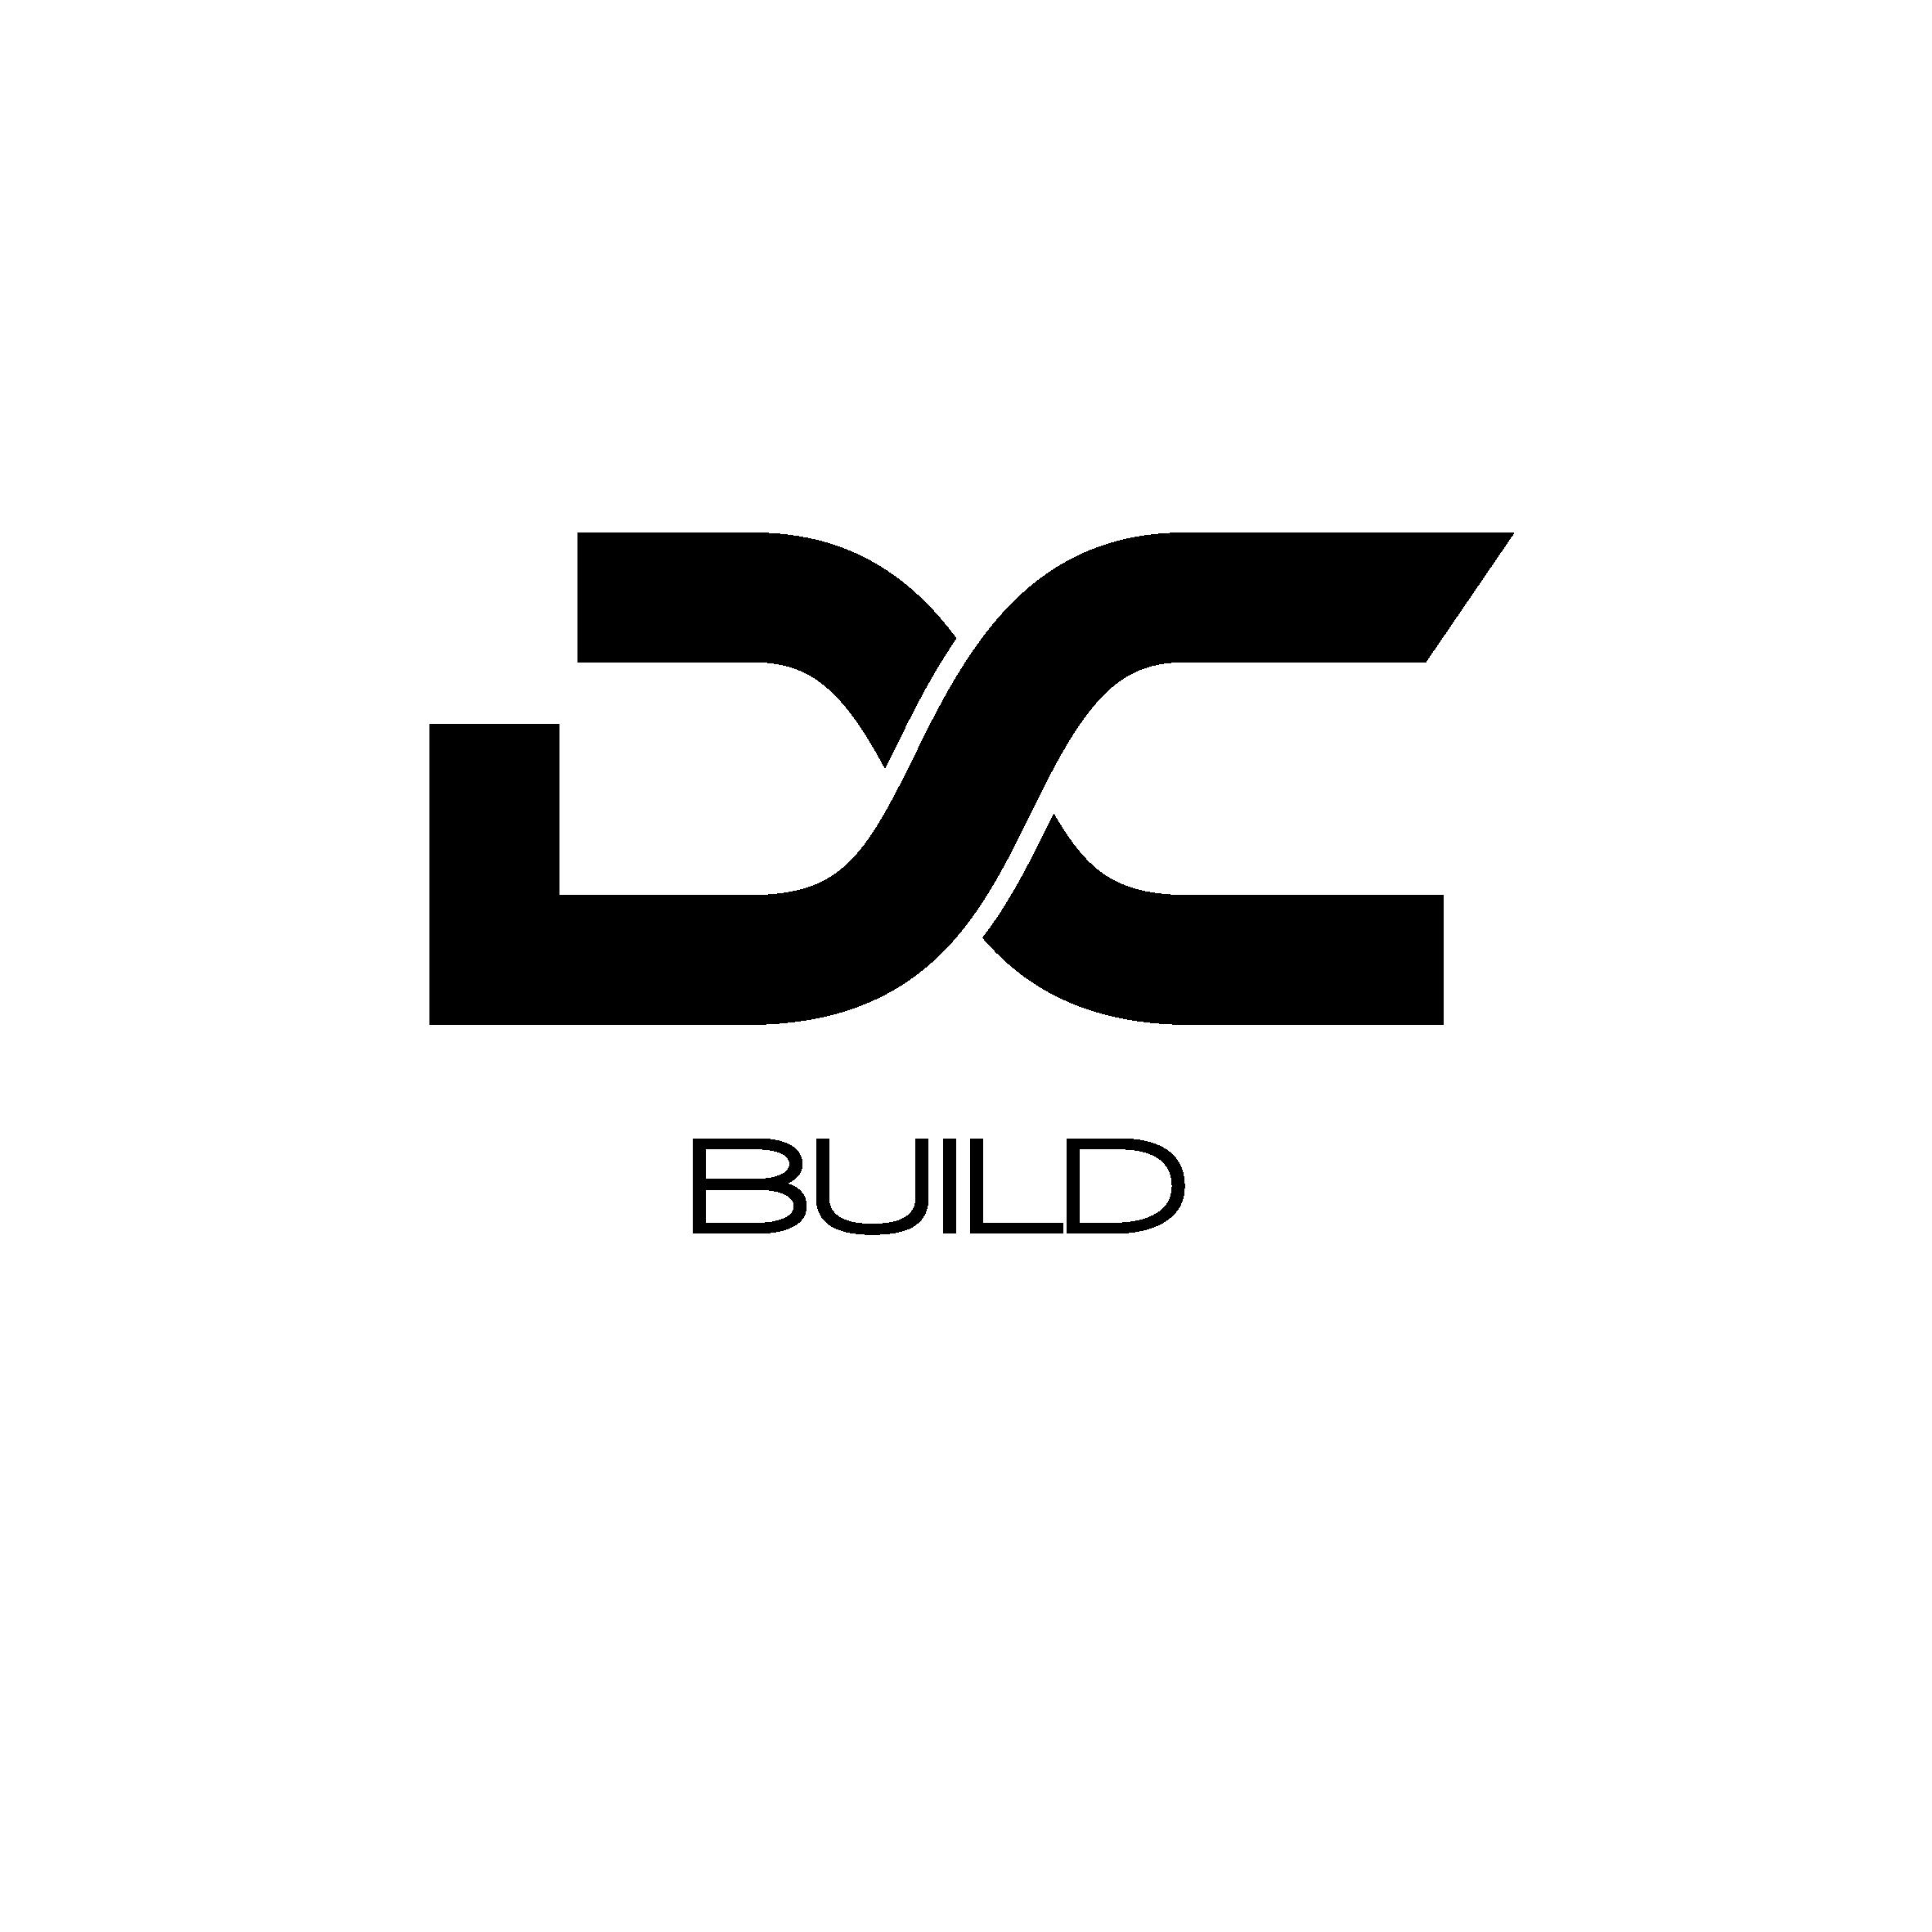 DC_Logos_Build.png